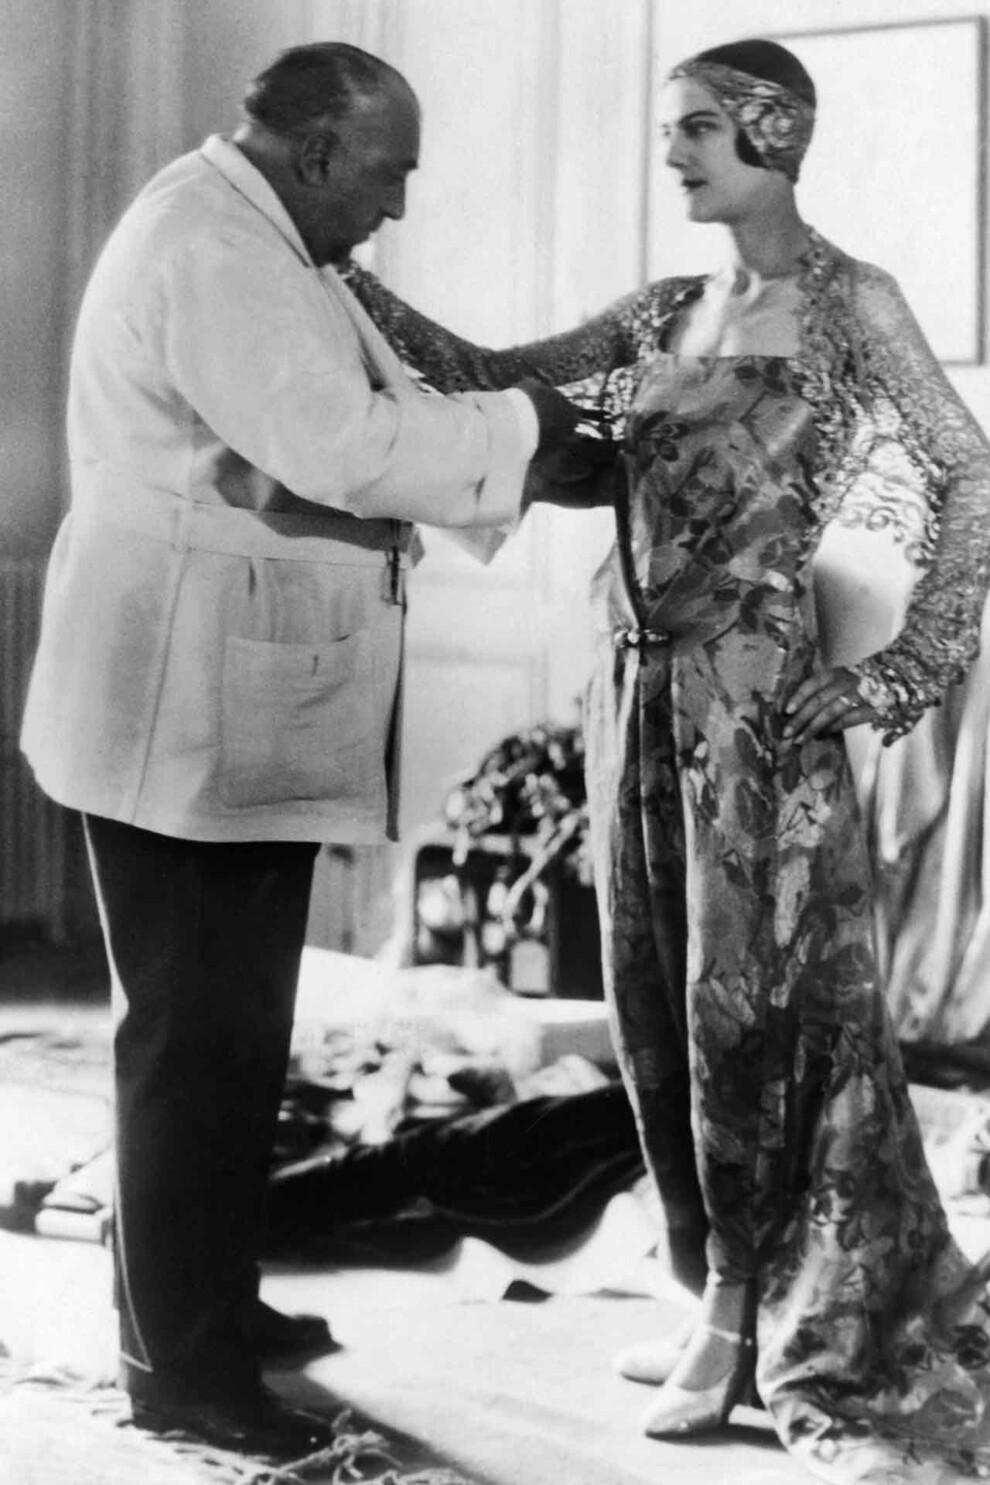 Всемирно известный парижский модельер Поль Пуаре во время примерки одного из своих платьев, 1930